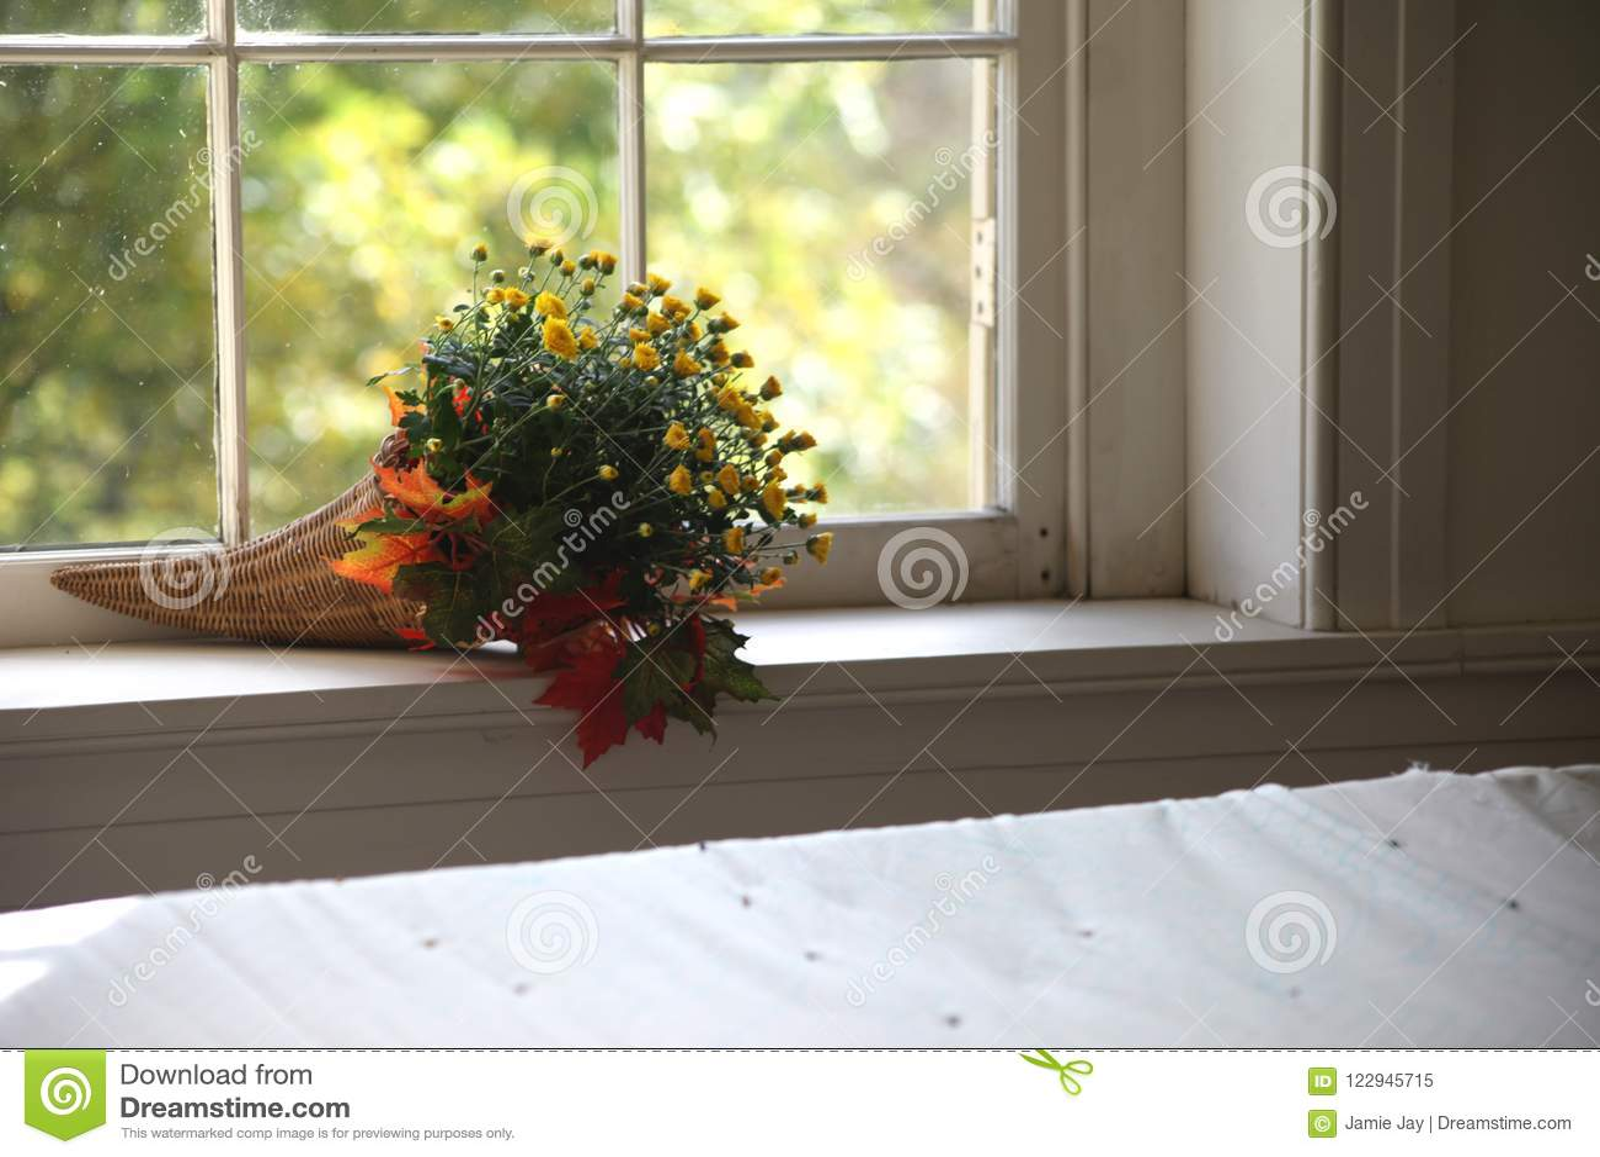 Davanzale Interno Della Finestra mazzo del fiore di autunno sul davanzale interno della